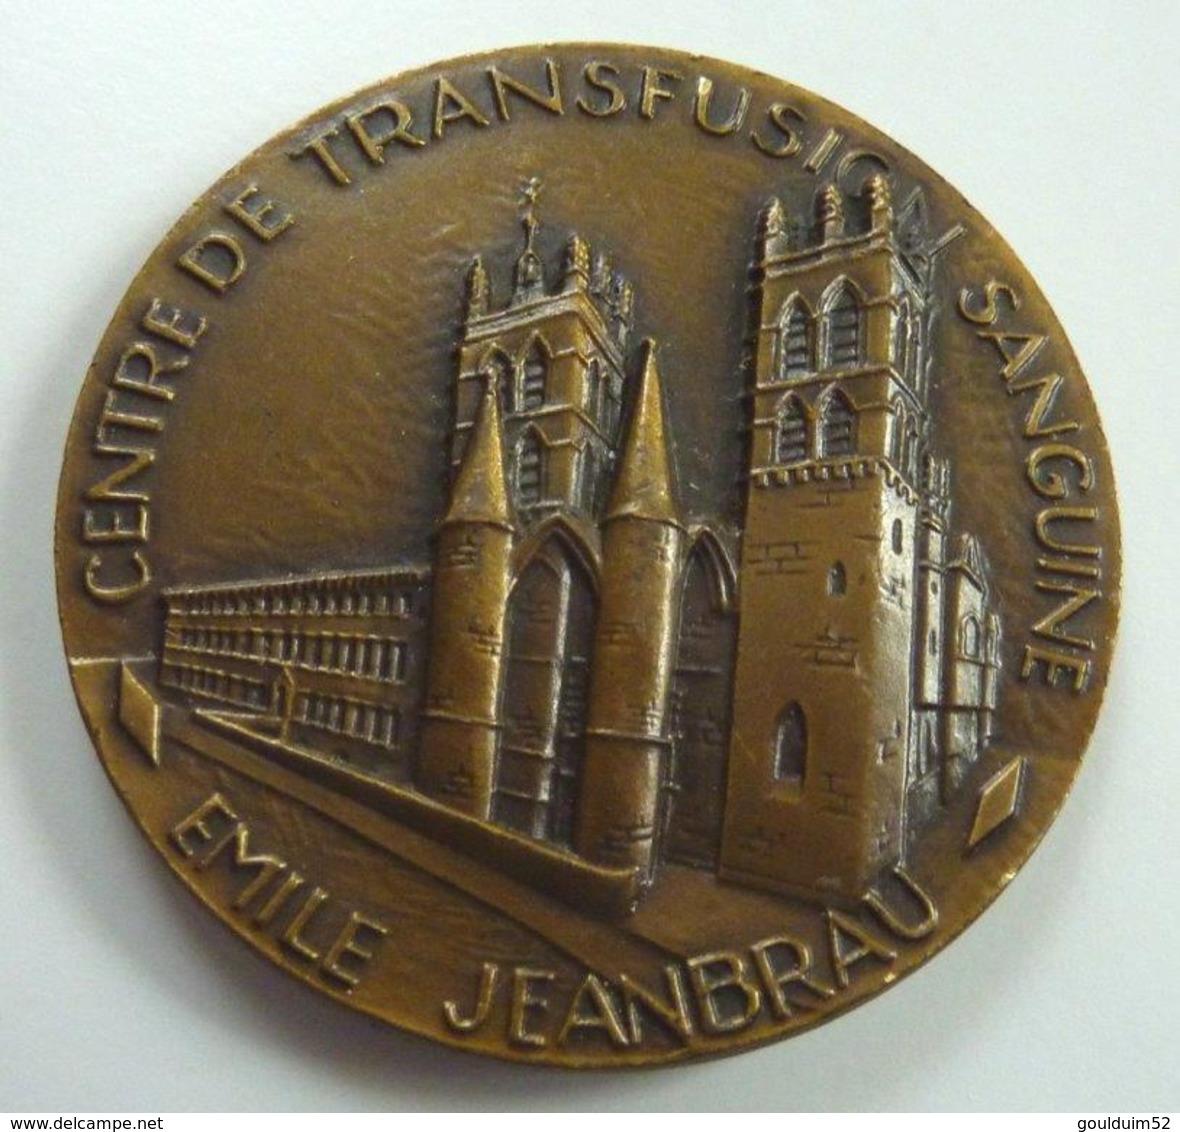 Centre De Transfusion Sanguine  Emile Jeanbrau - Professionals / Firms